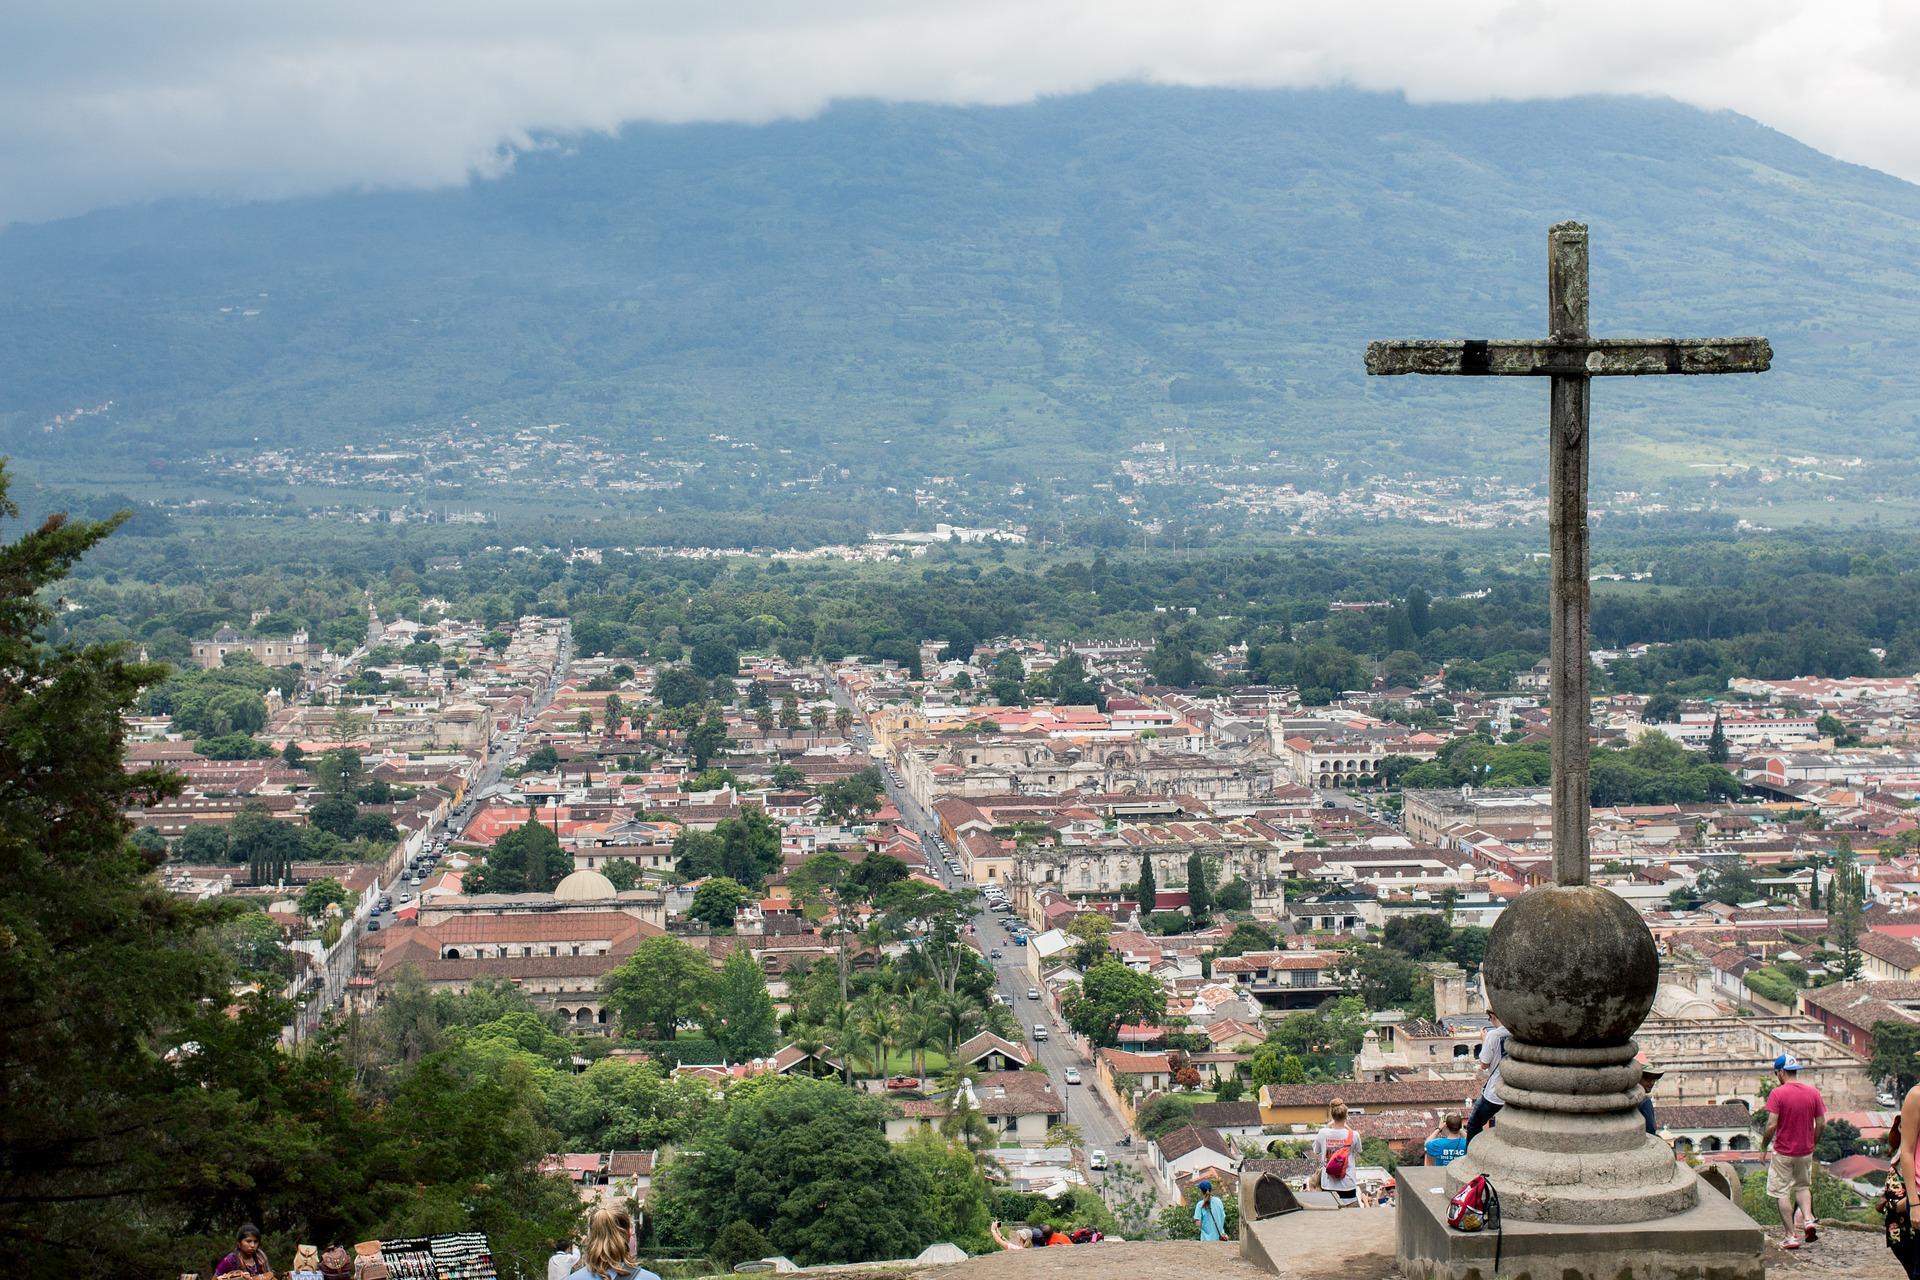 60 Guatemalan children die in COVID-19 surge